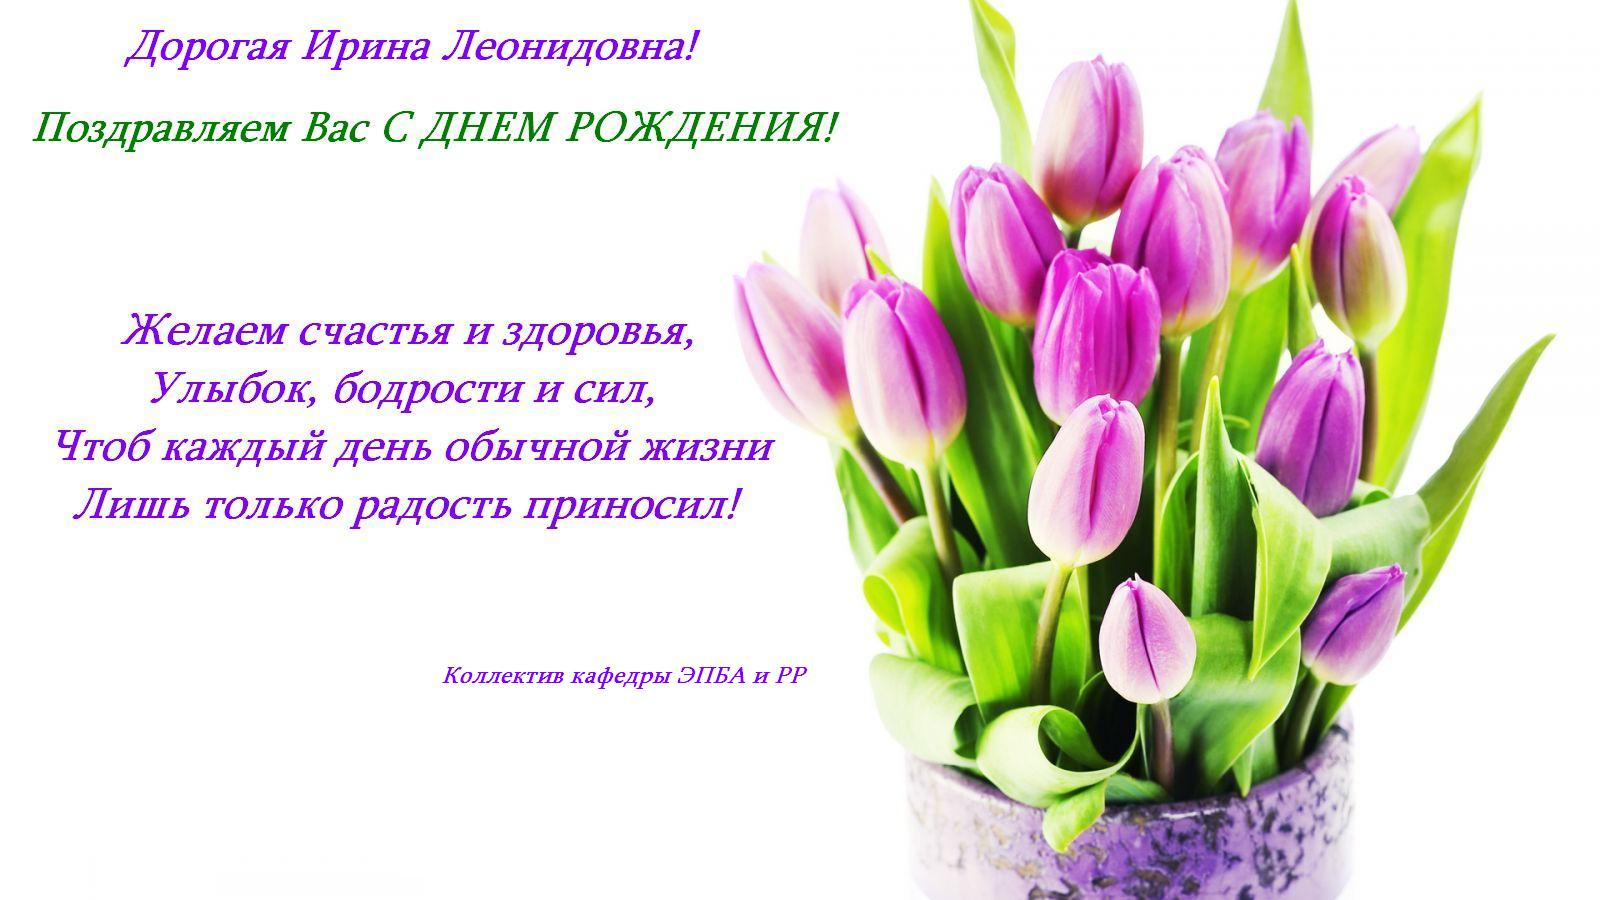 Праздник 8 марта в саду 14 фотография